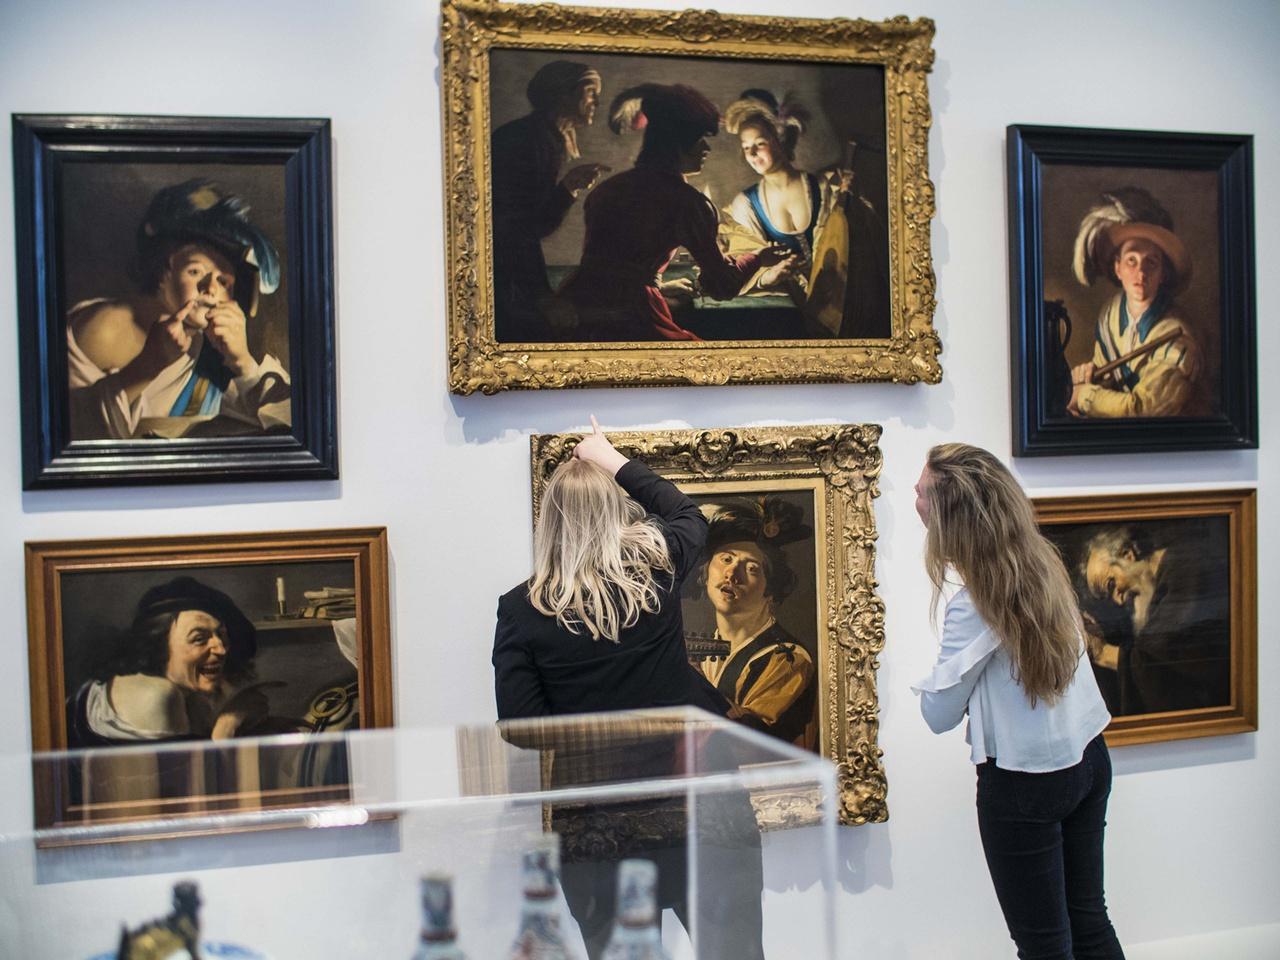 2/11 - Zaal met schilderijen van Utrechtse oude meesters.